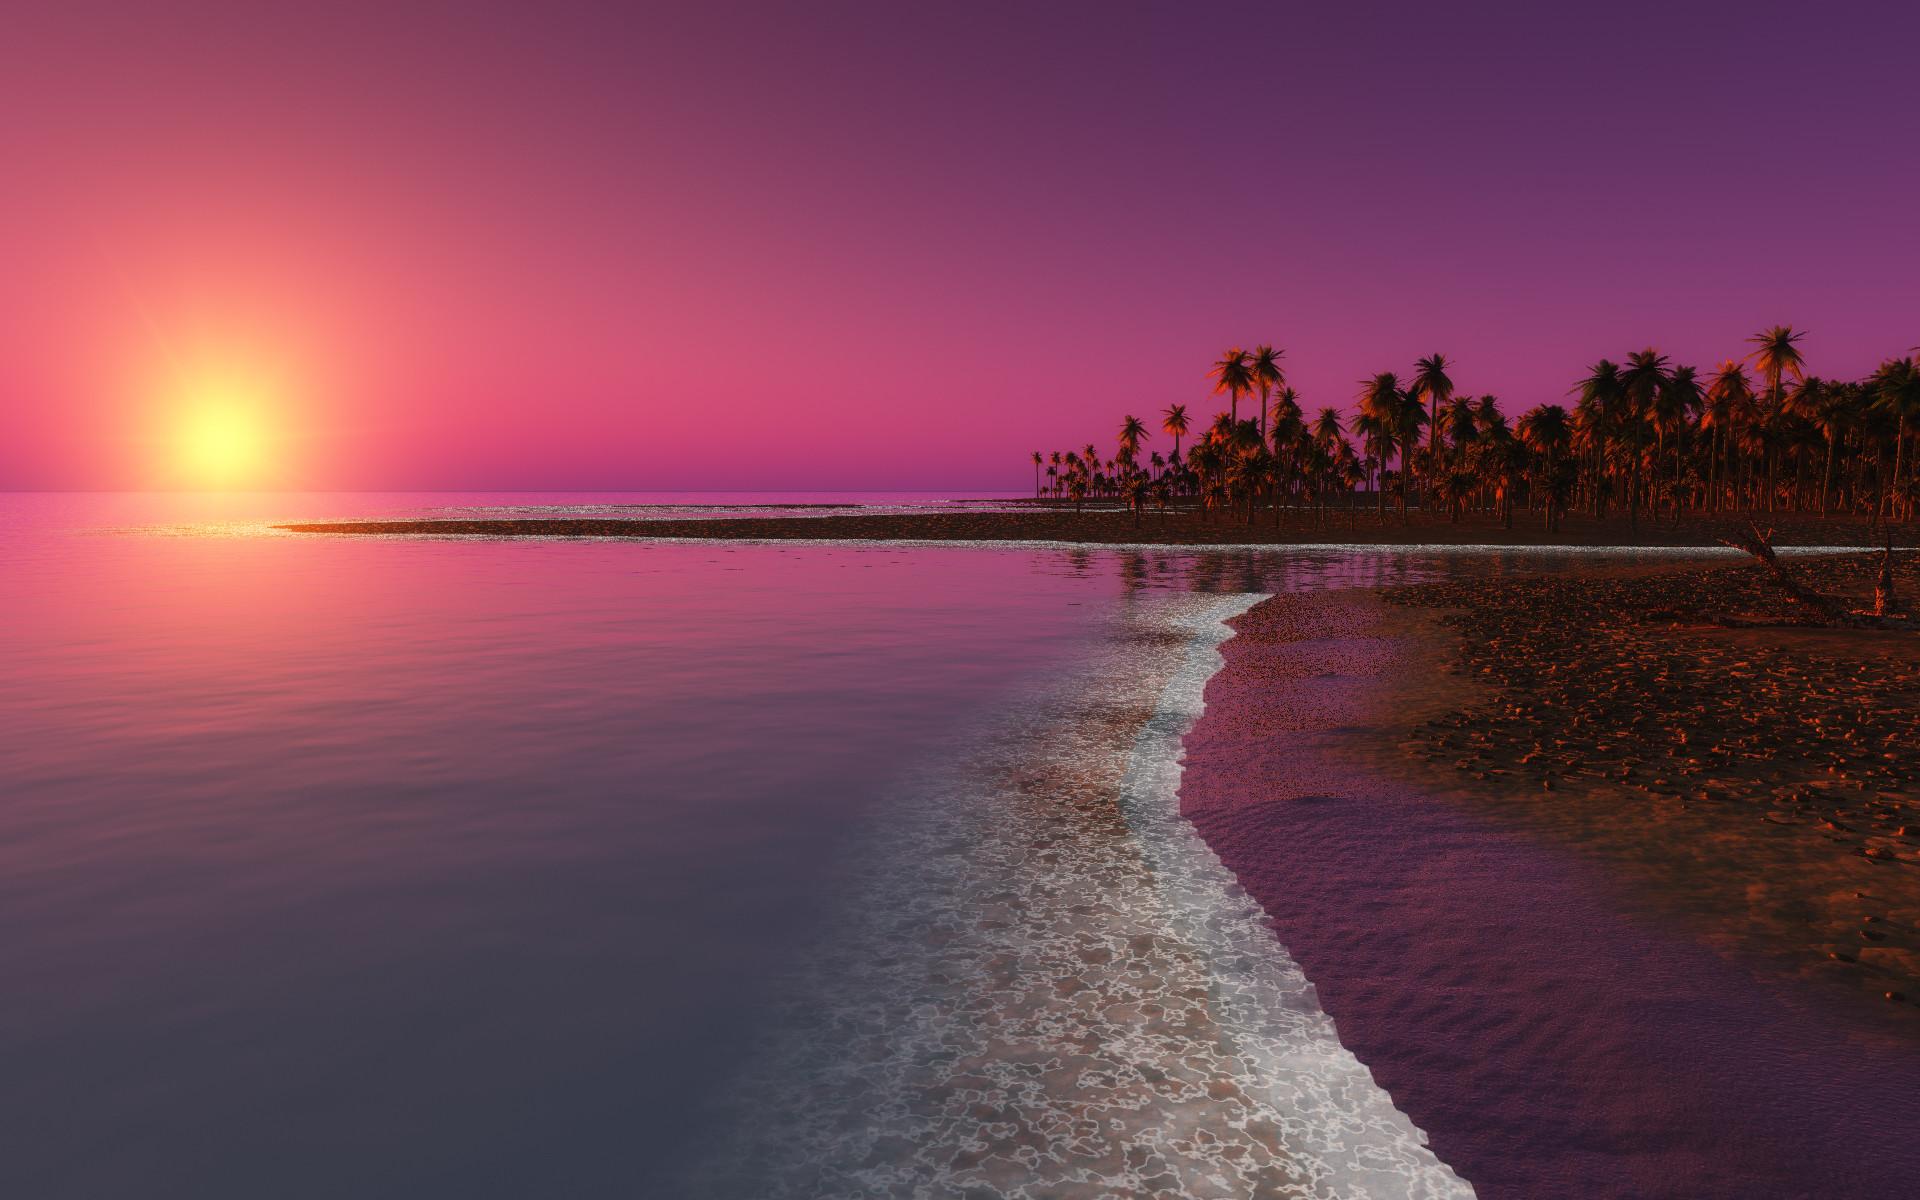 Pink Landscape Desktop Backgrounds – Wallpaper, High Definition, High .